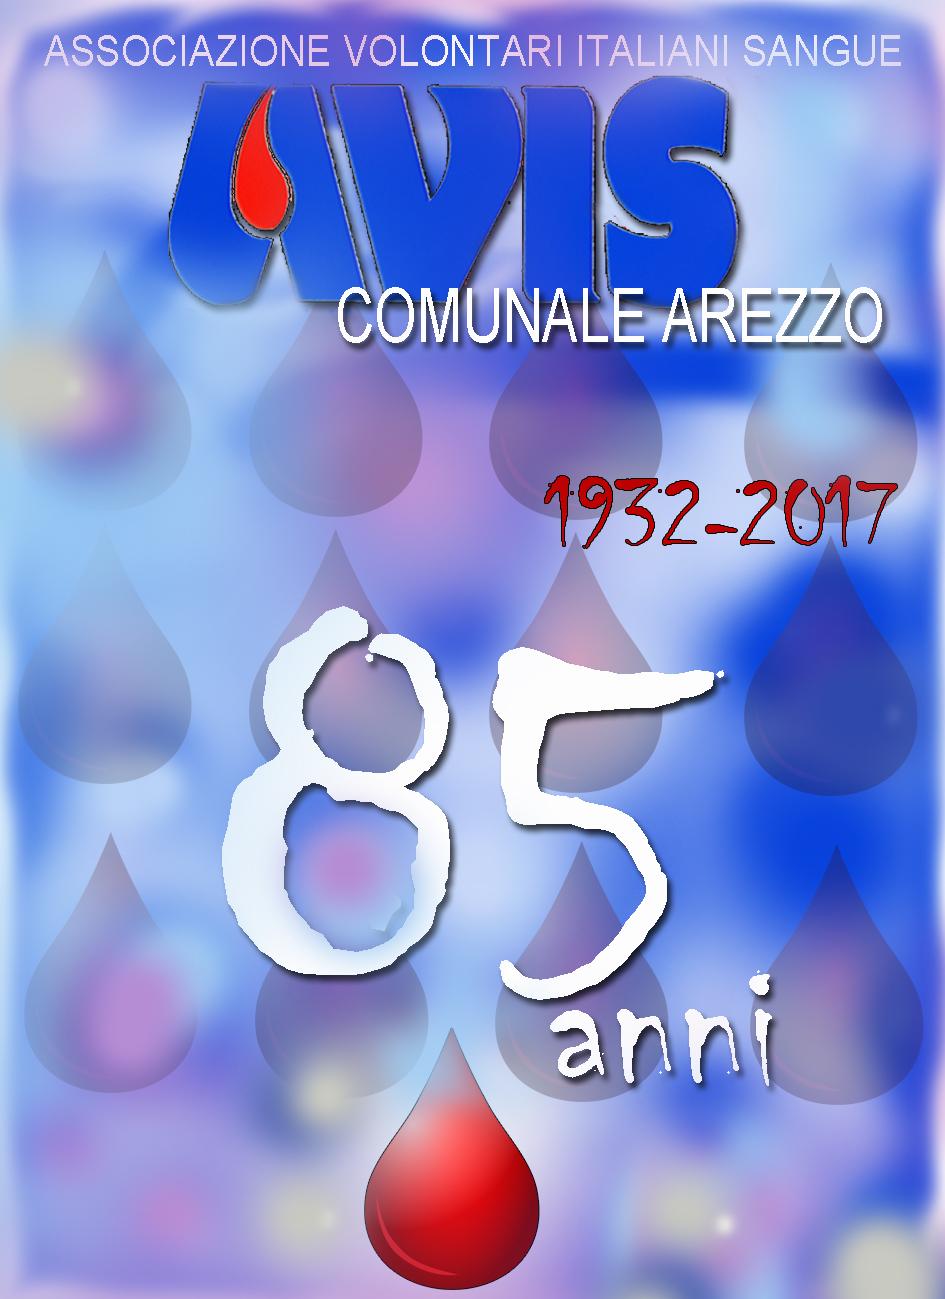 1932/2017 L'AVIS Comunale di Arezzo è lieta di festeggiare con la cittadinanza il suo 85° Anniversario